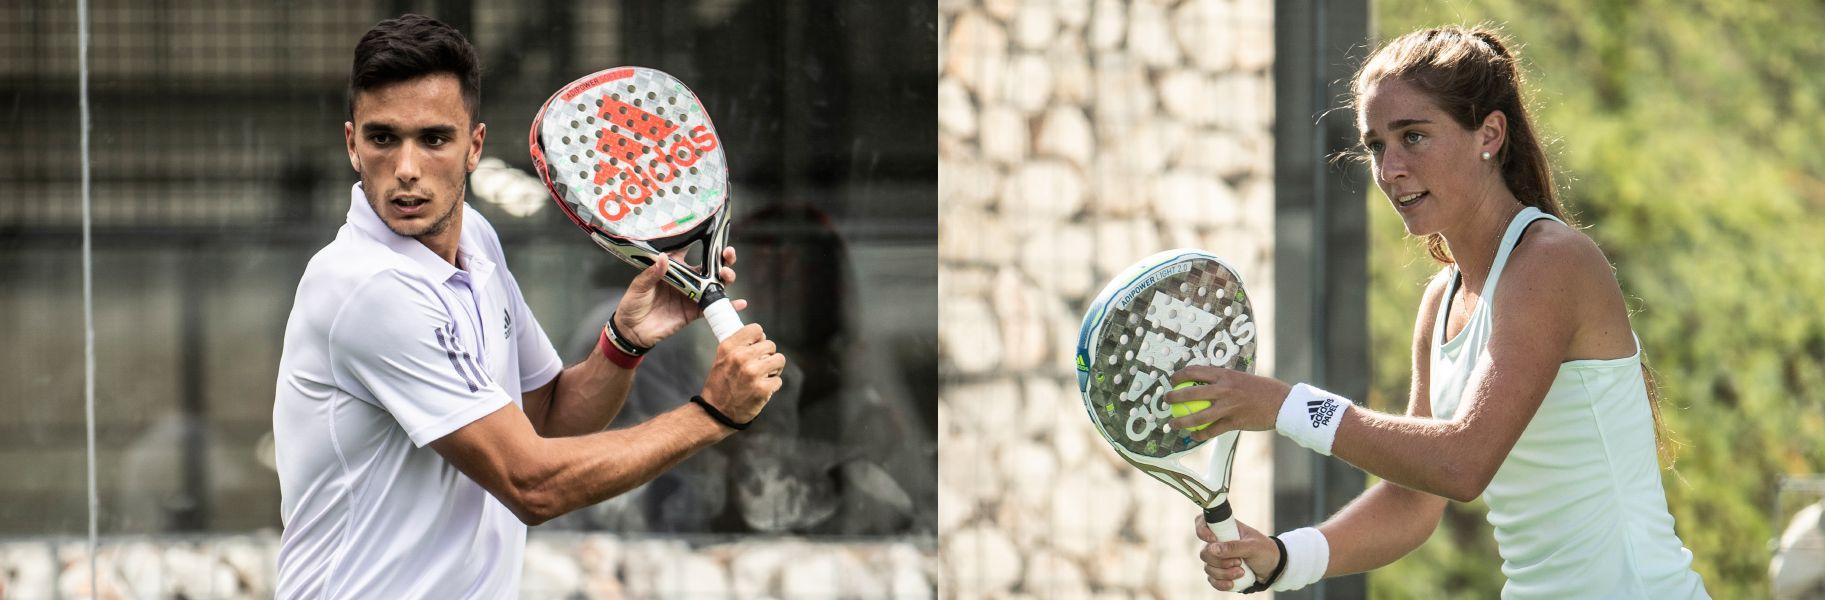 Ale Galán y Marta Ortega con sus nuevas palas Adidas.   Foto: Adidas Padel